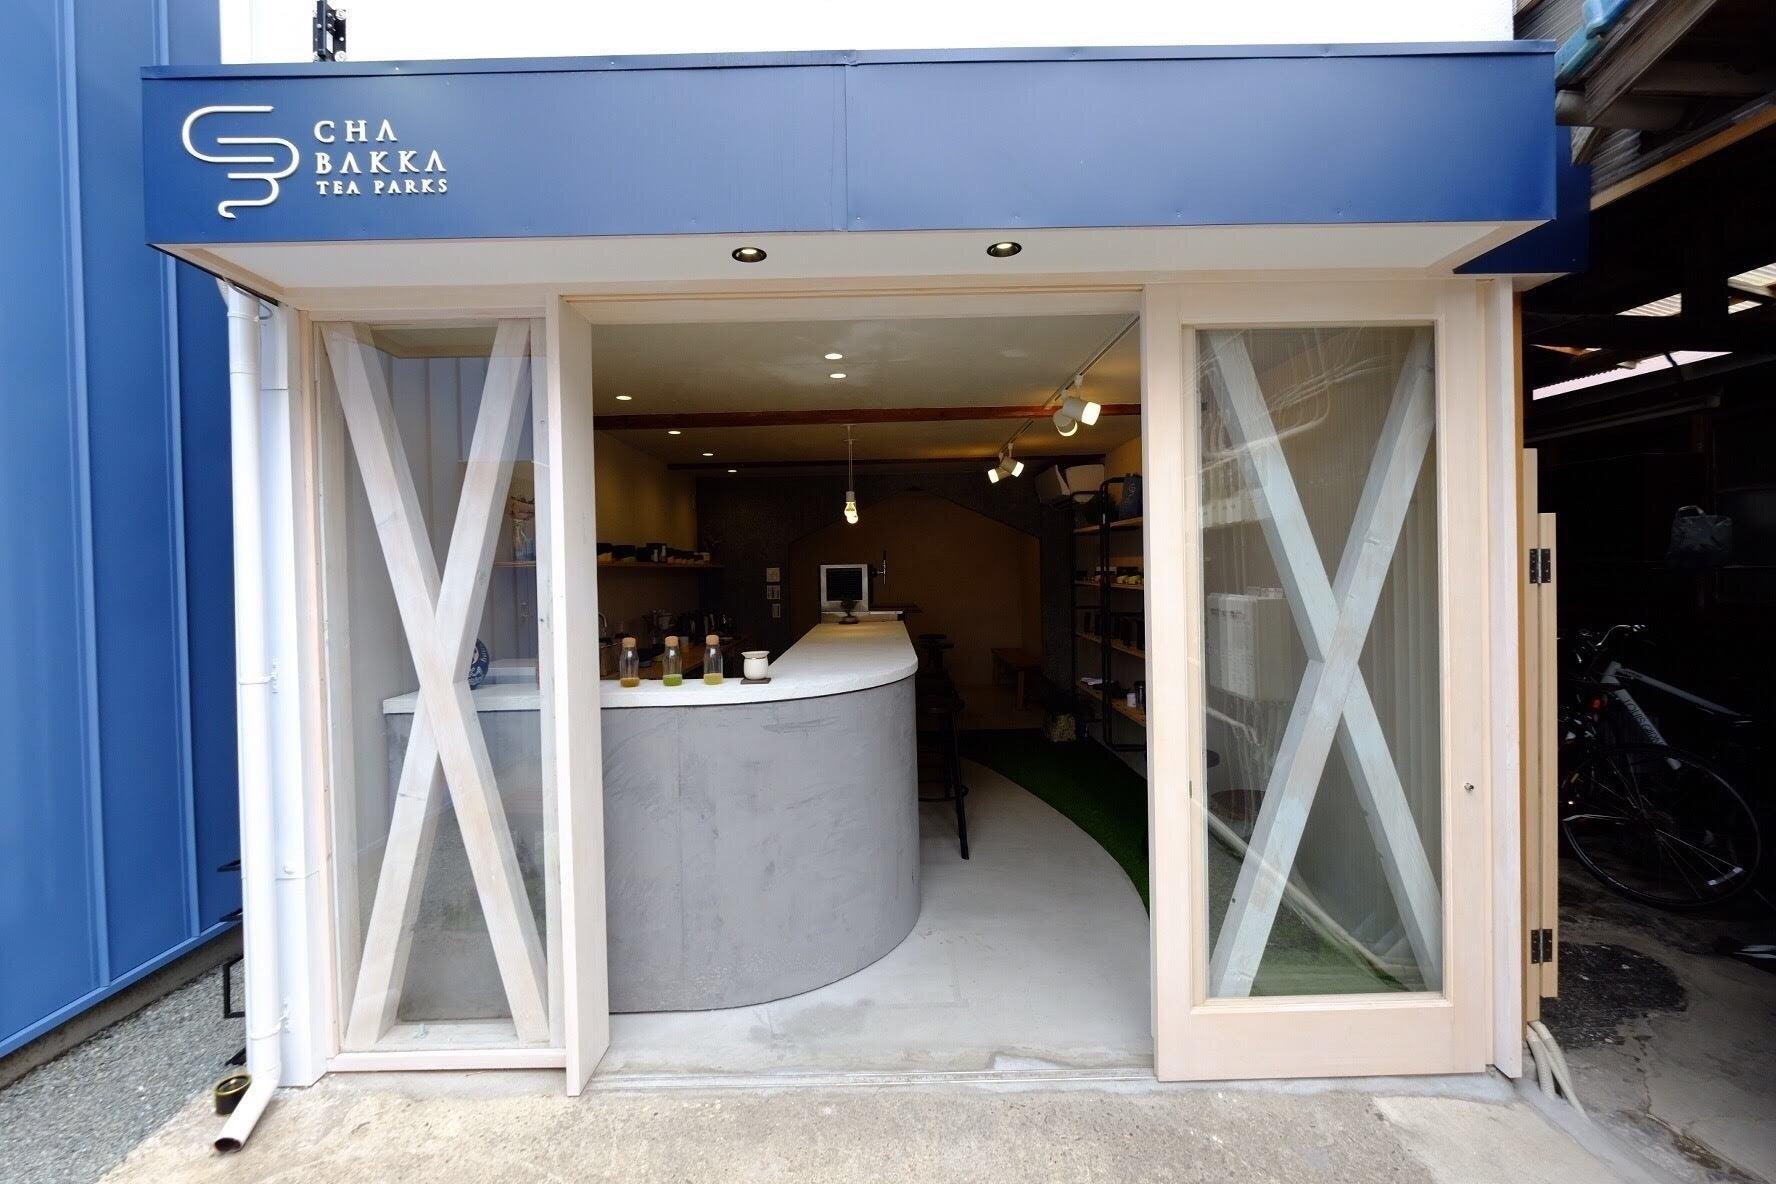 【鎌倉駅徒歩1分】おしゃれなカフェスペース!イベント・物販・ワークショップ・ギャラリーなどに! の写真